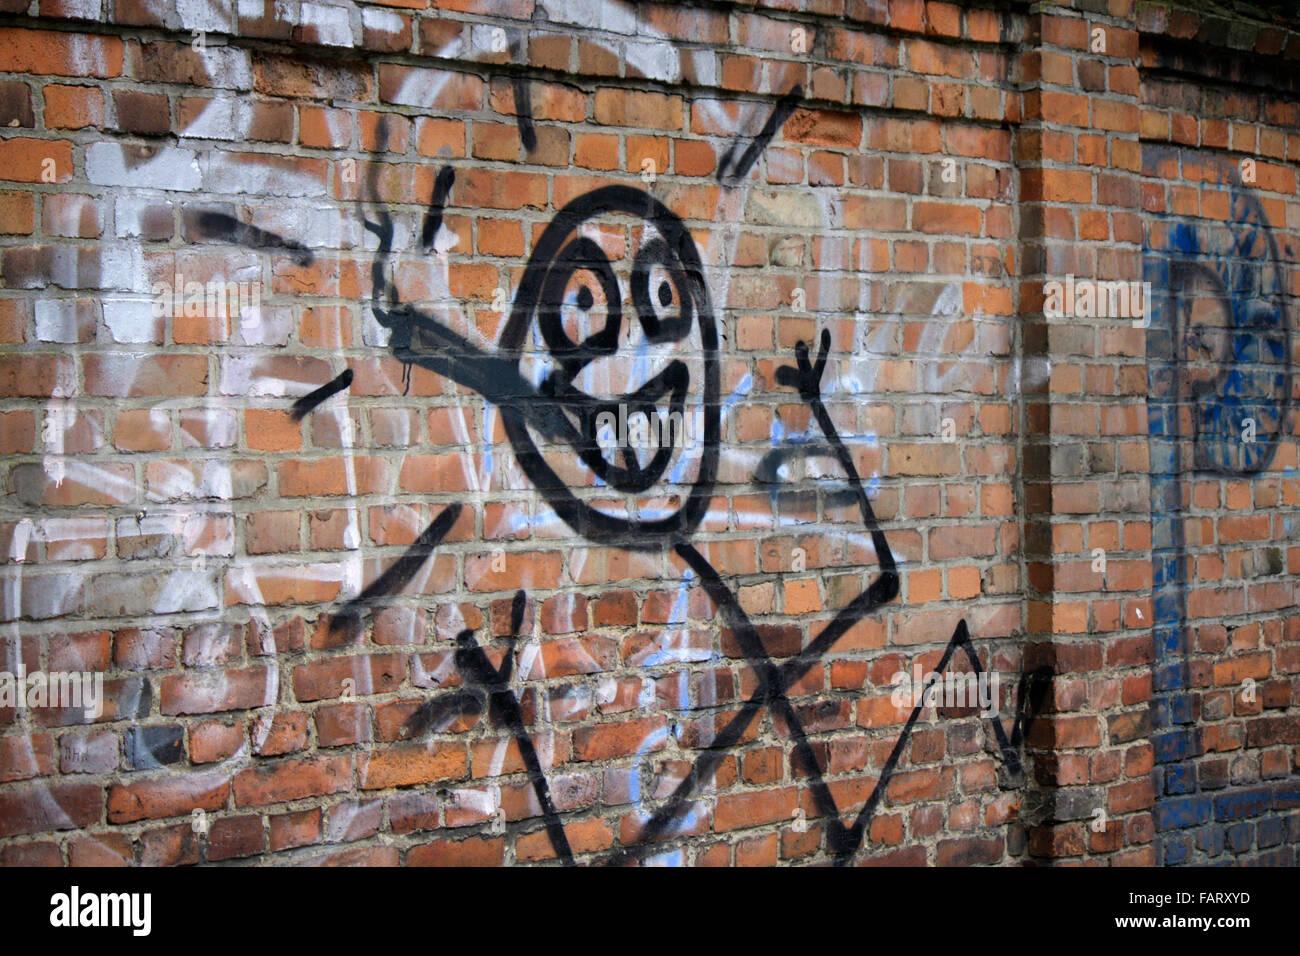 Graffiti / Street Art: Strichzeichung: Rauscher, Berlin. Stockbild